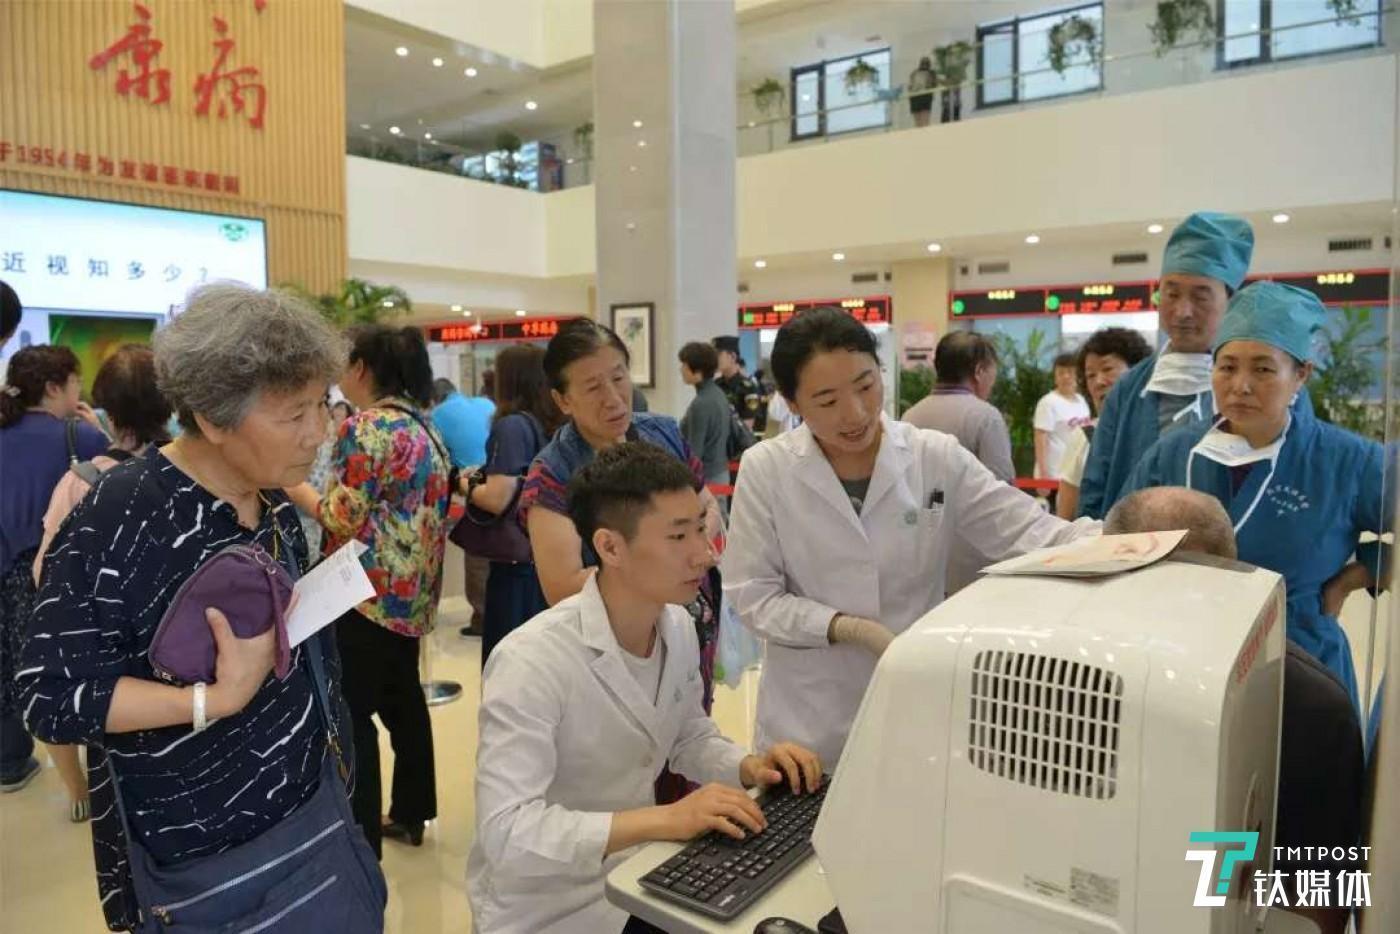 北京某医院组织的患者教育服务,即为患者做眼底筛查(来源:北京眼科学会)